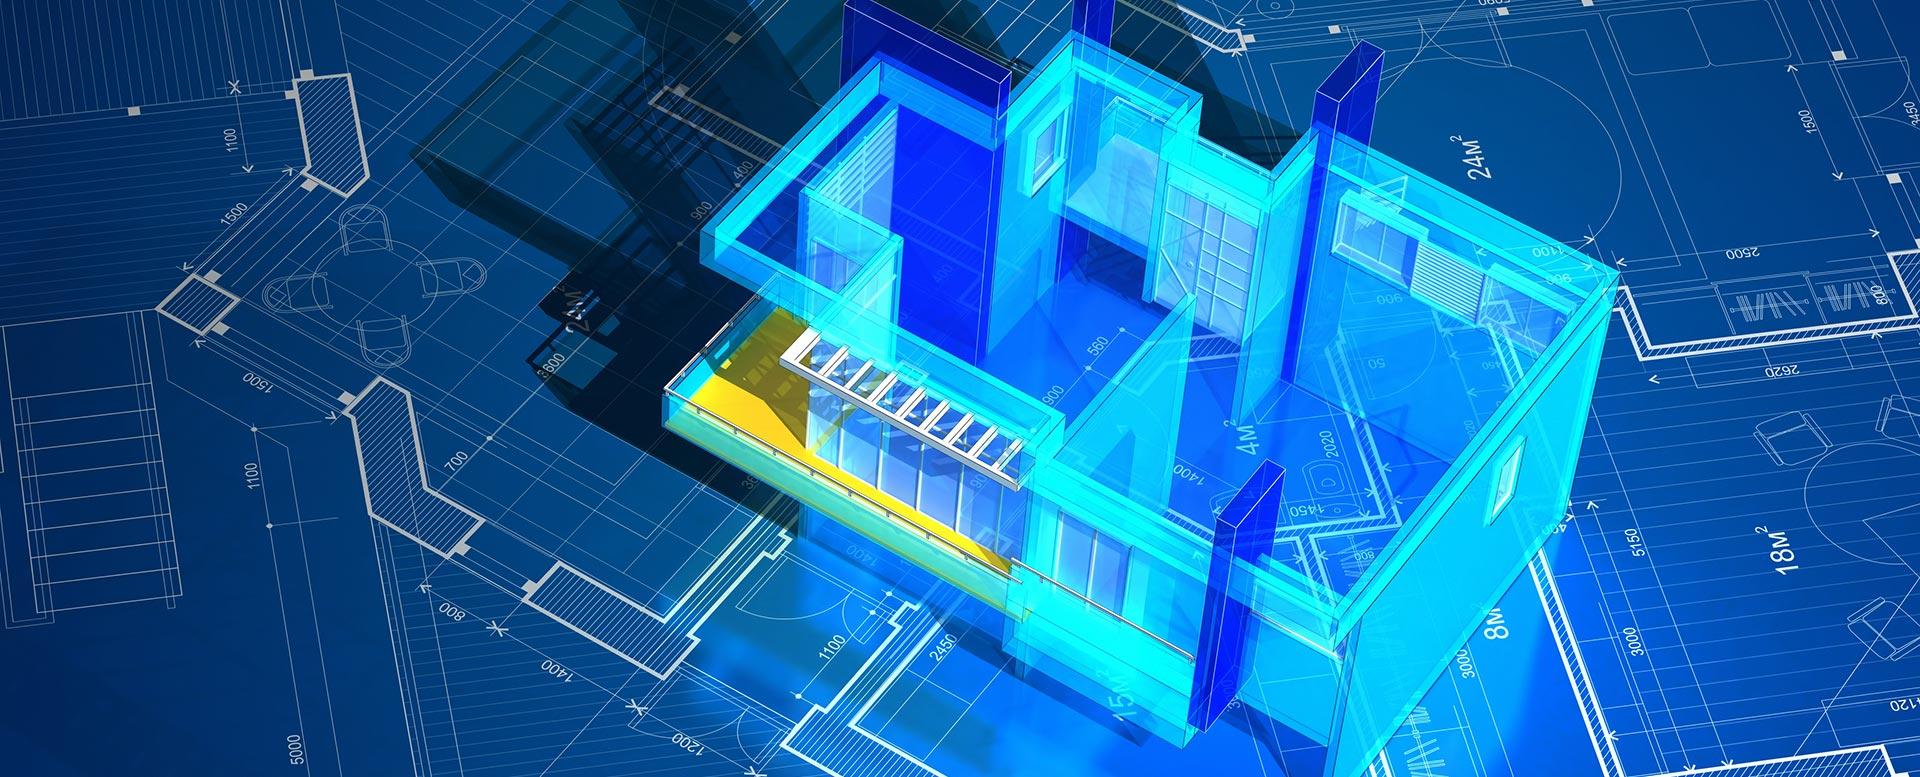 BIM-Manager: Simulation von Gebäudeinformation